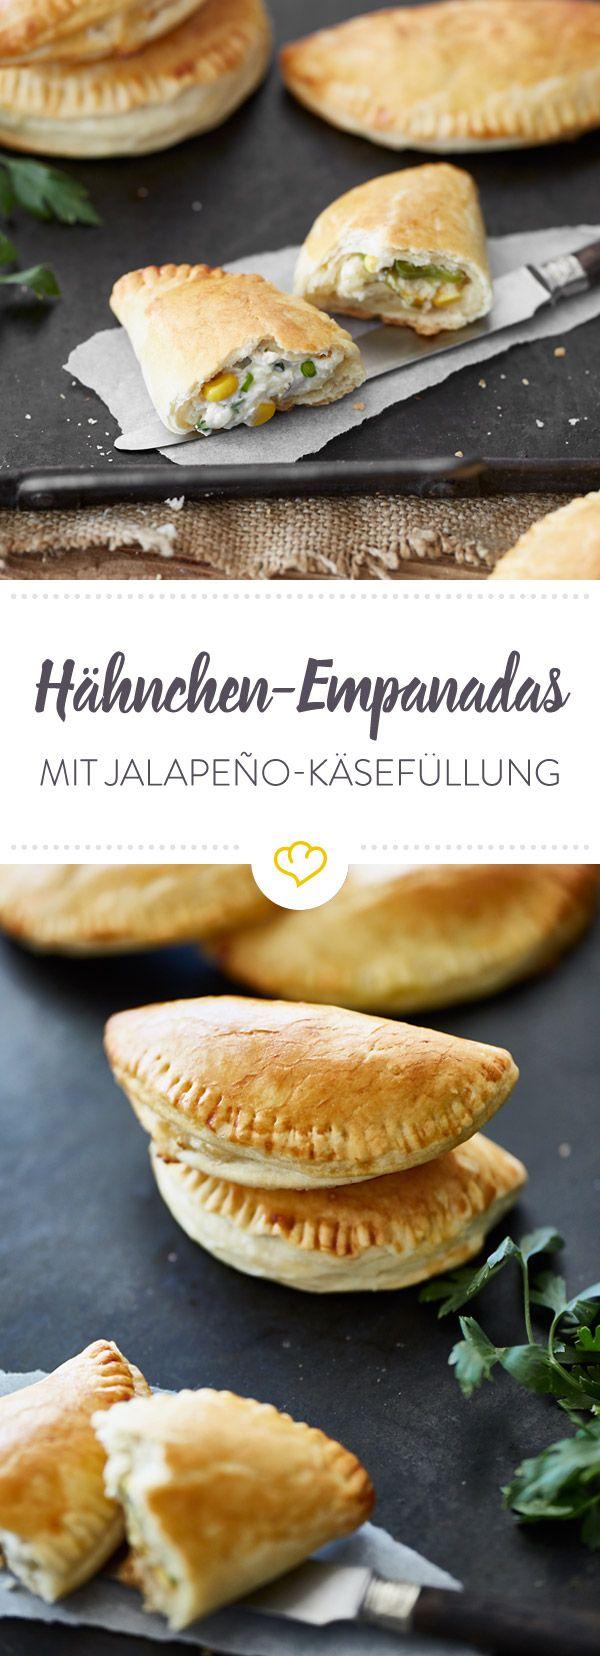 In den knusprigen Empanadas steckt jede Menge südamerikanisches Temperament. Wonach das schmeckt? Nach feurigen Jalapeños, Hähnchen, Mais und cremigem Käse. #mexicanrecipeswithchicken